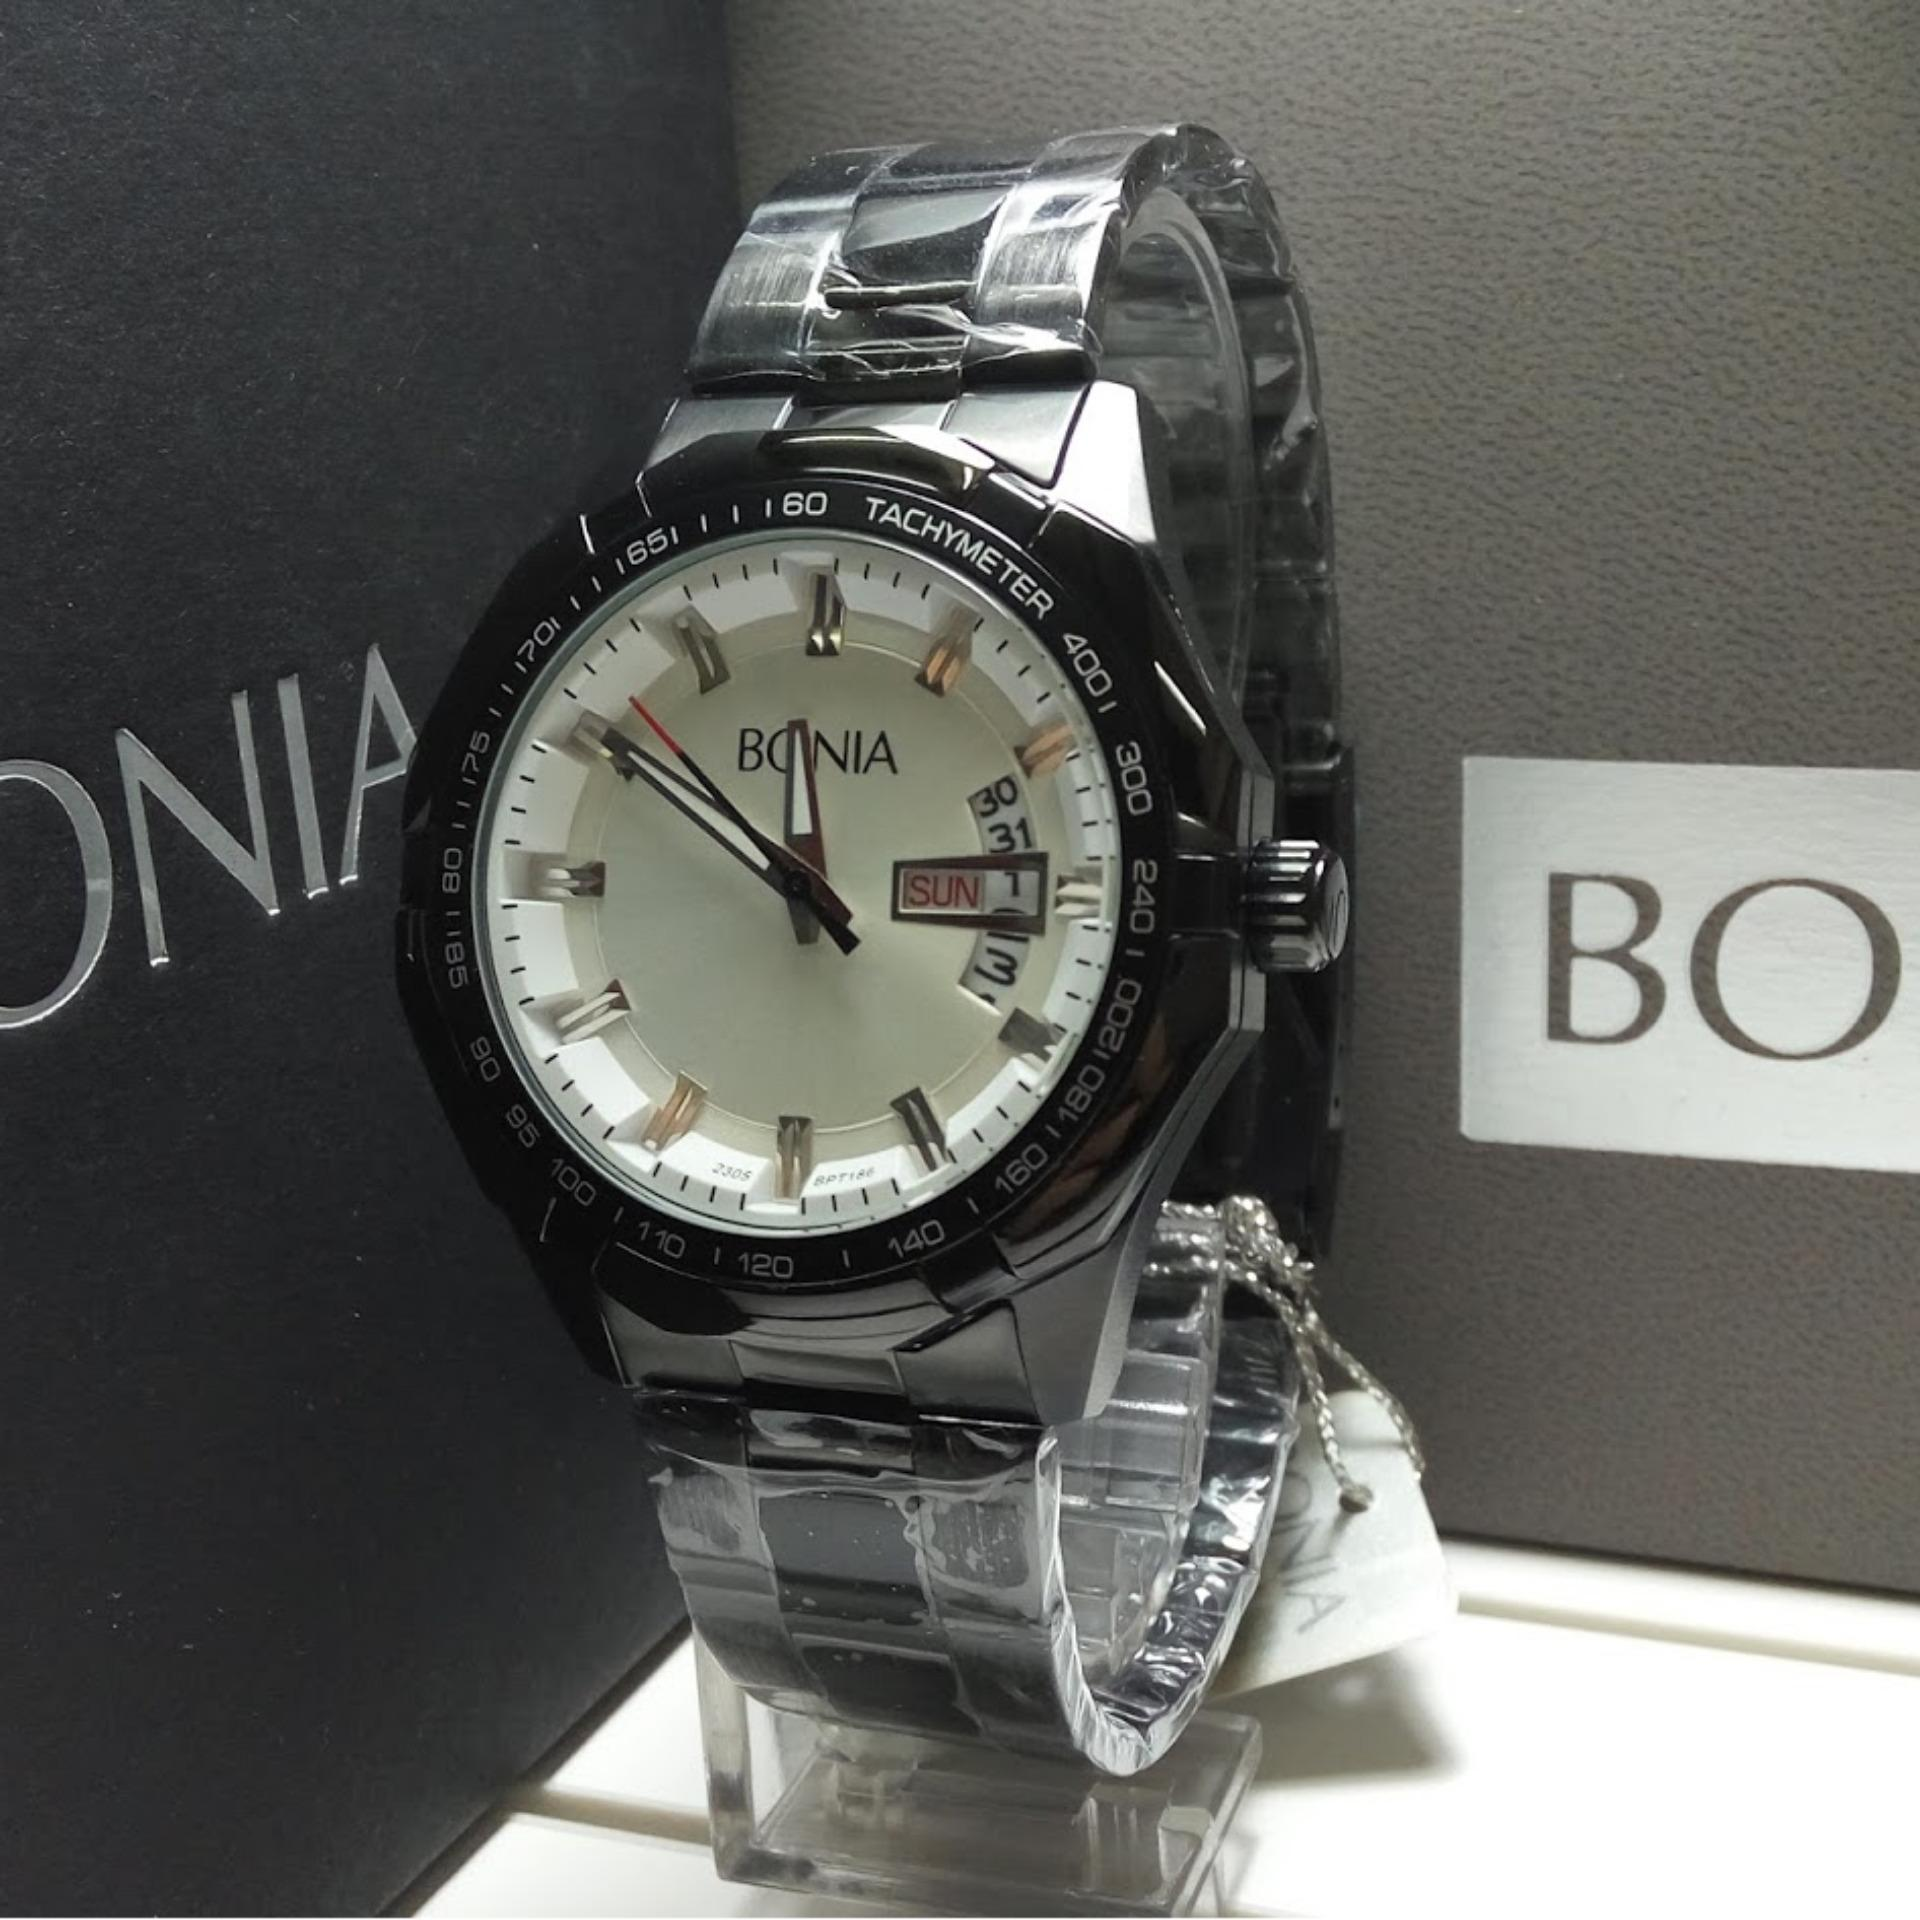 Bonia Jam Tangan Pria Bpt176 1334c Silver Black Stainless B796 3135 Rosegold Wanita Source